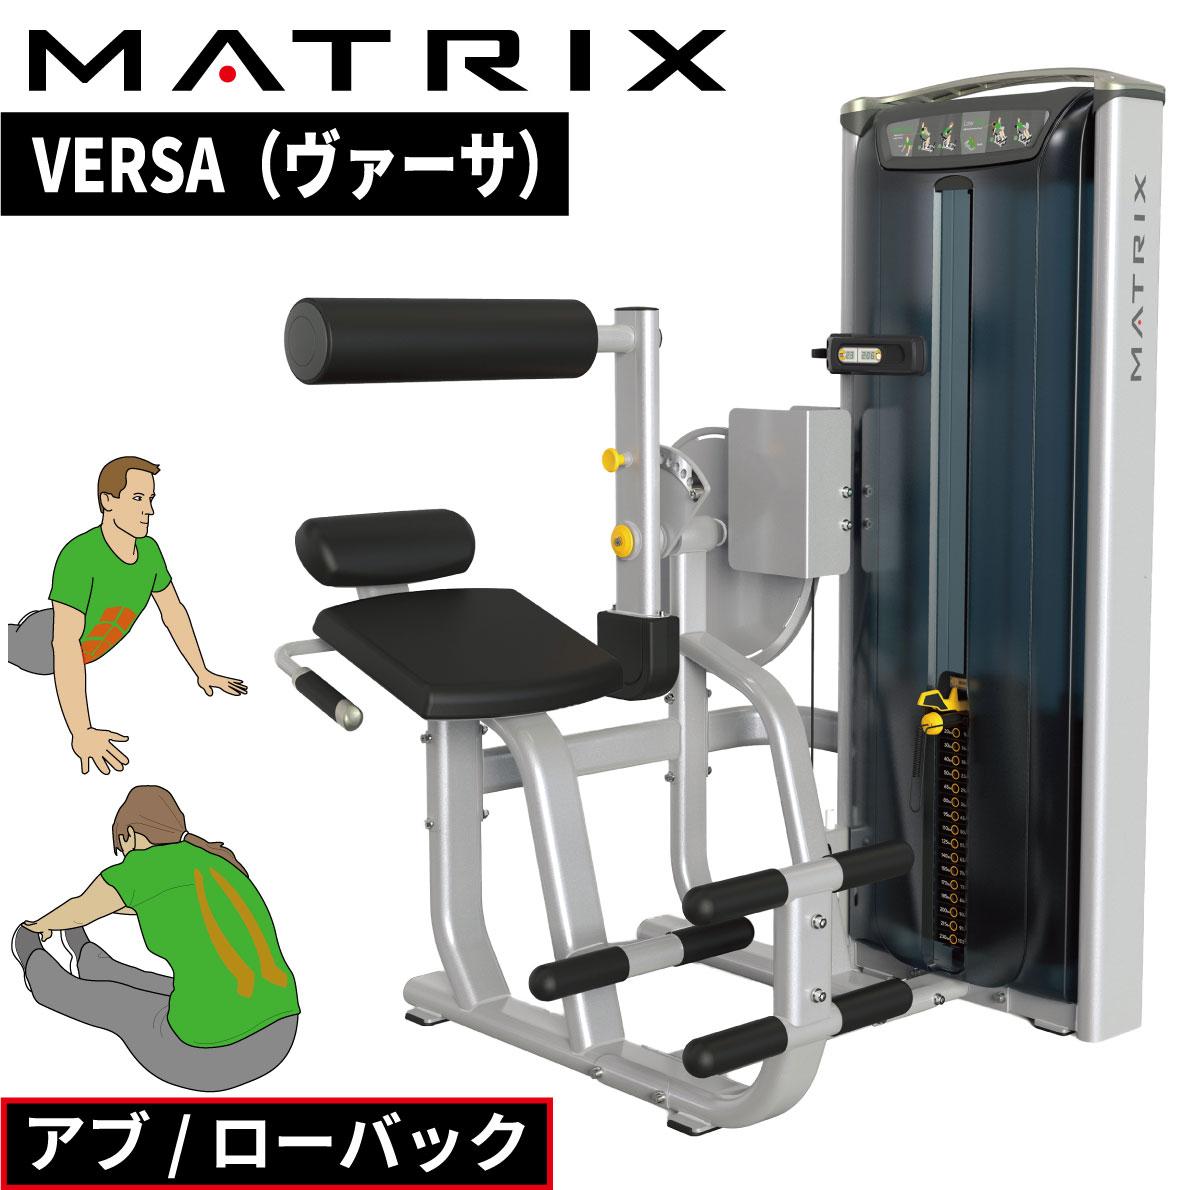 ストレングスマシン ウエイトマシン アブ ローバック トレーニングマシン 業務用 VERSAシリーズ VS-S531 ジョンソン ジョンソンヘルステック ウエイトトレーニング 業務用MATRIX 業務用フィットネスマシン